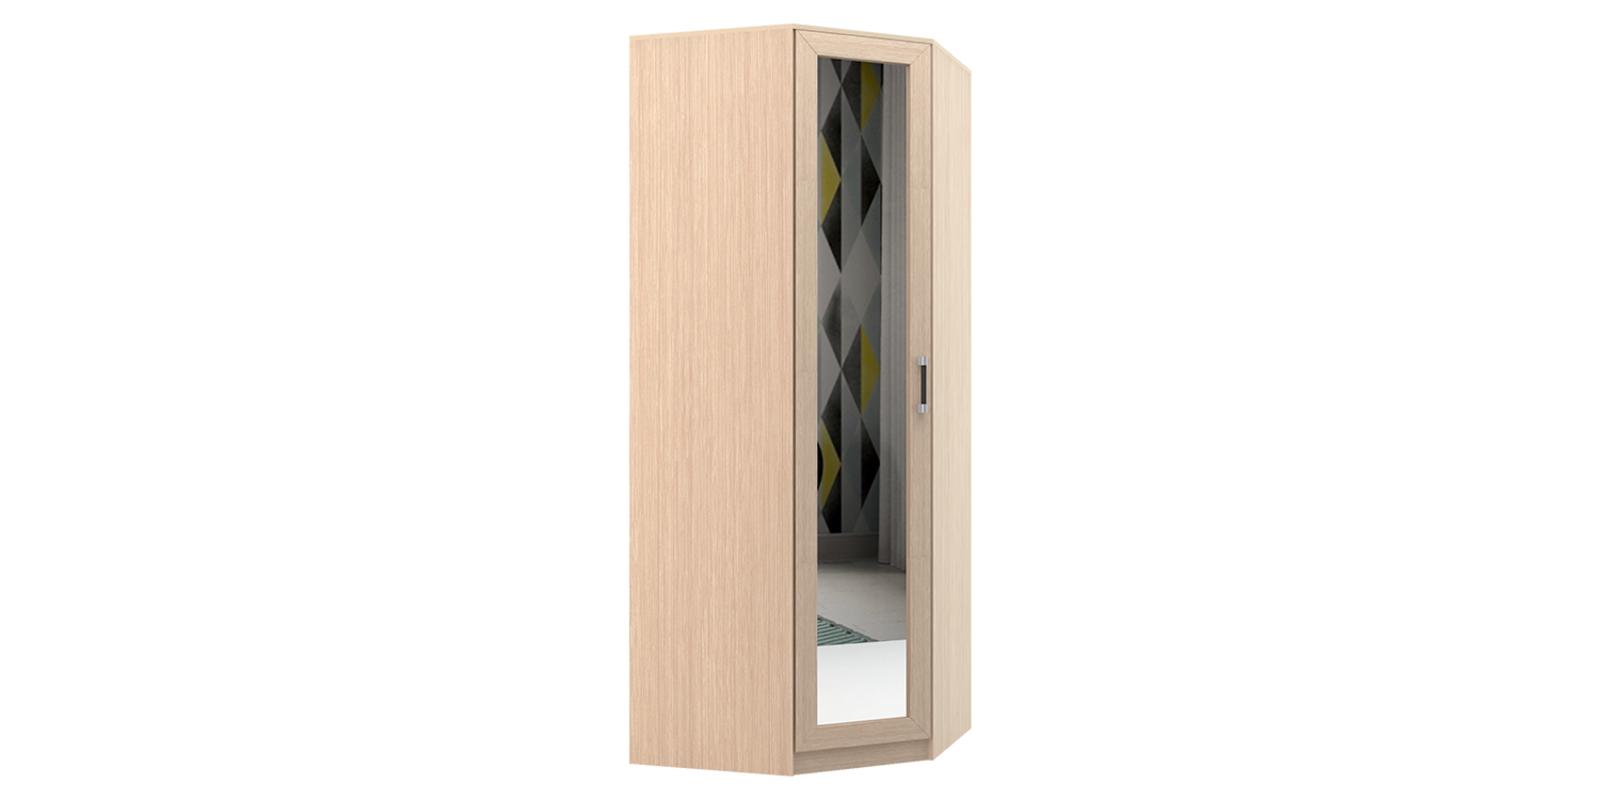 Шкаф распашной угловой Дельта (дуб белфорт/зеркало)